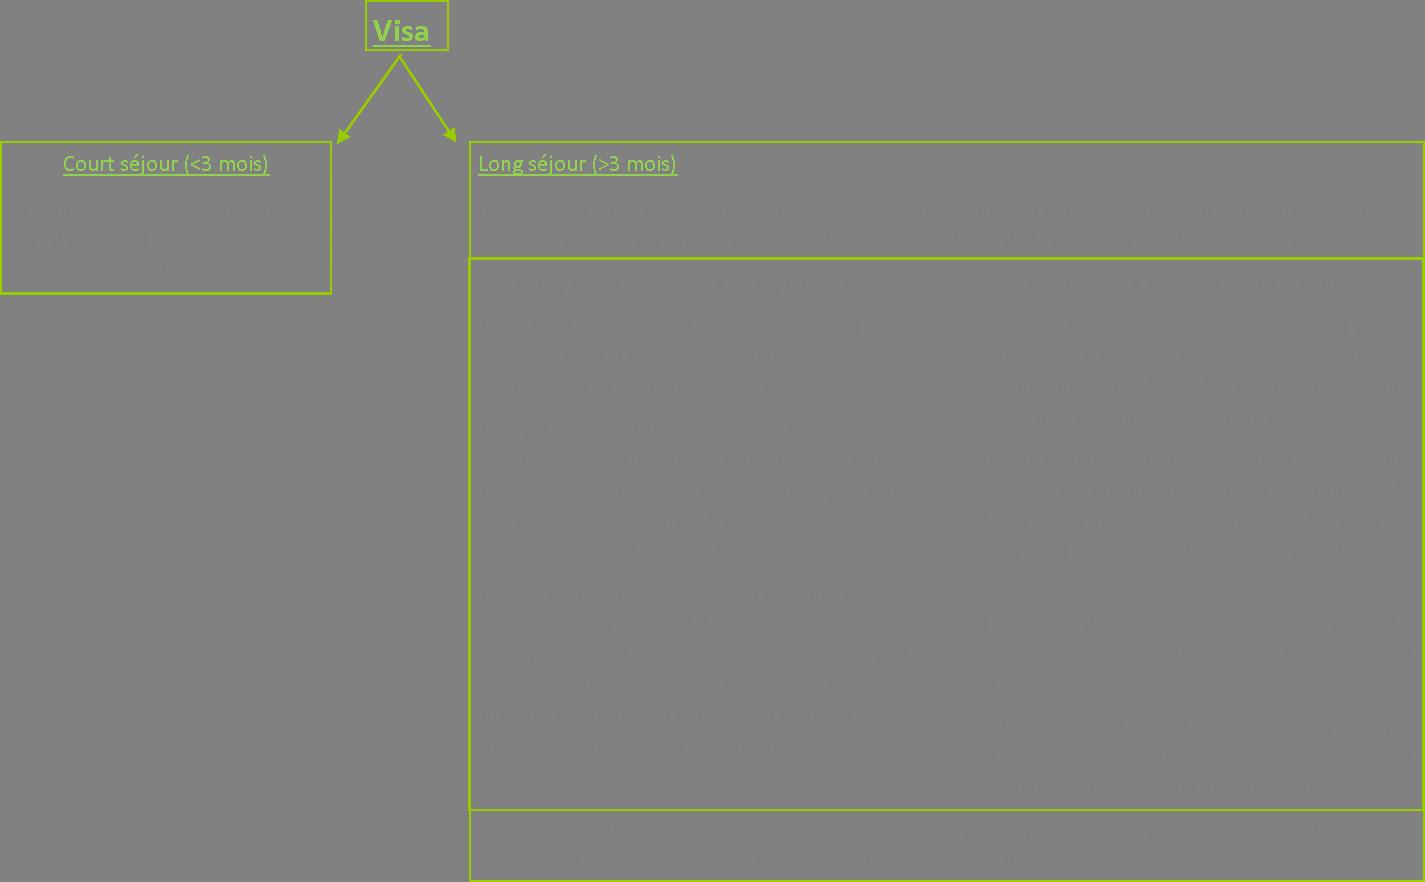 renouvellement carte de sejour delai d attente visa administratif vert   Science Accueil